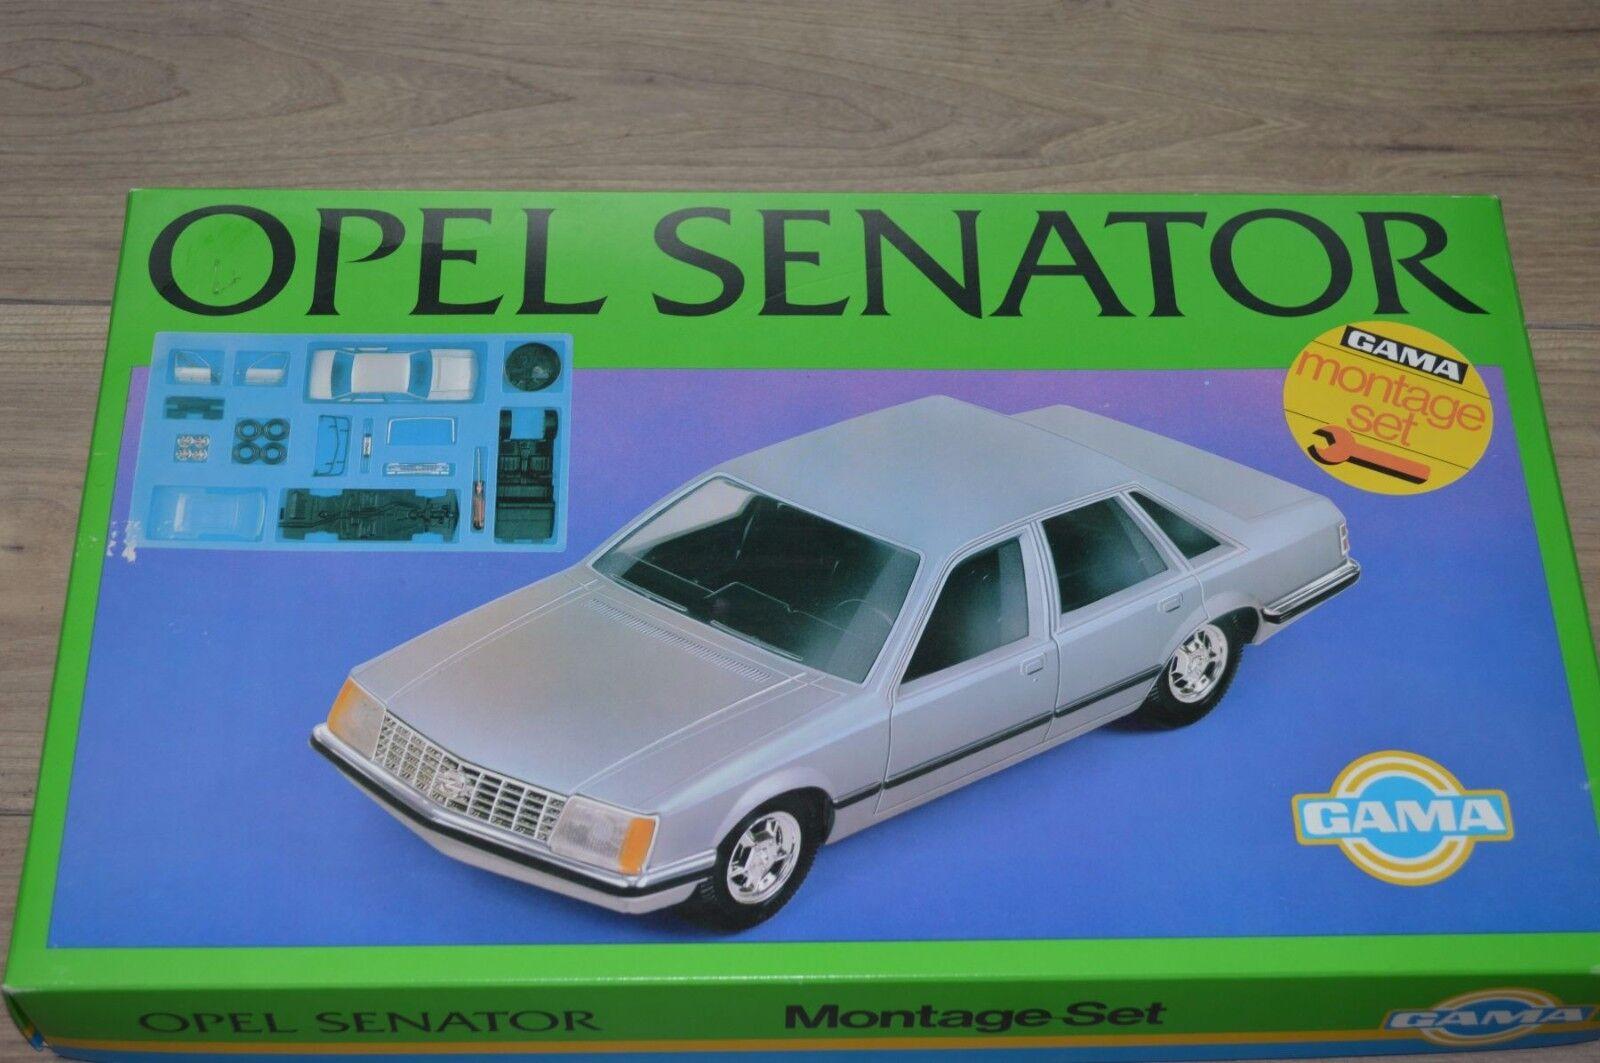 Gama 4495 kit sogar opel senator mint in box ausgezeichnet